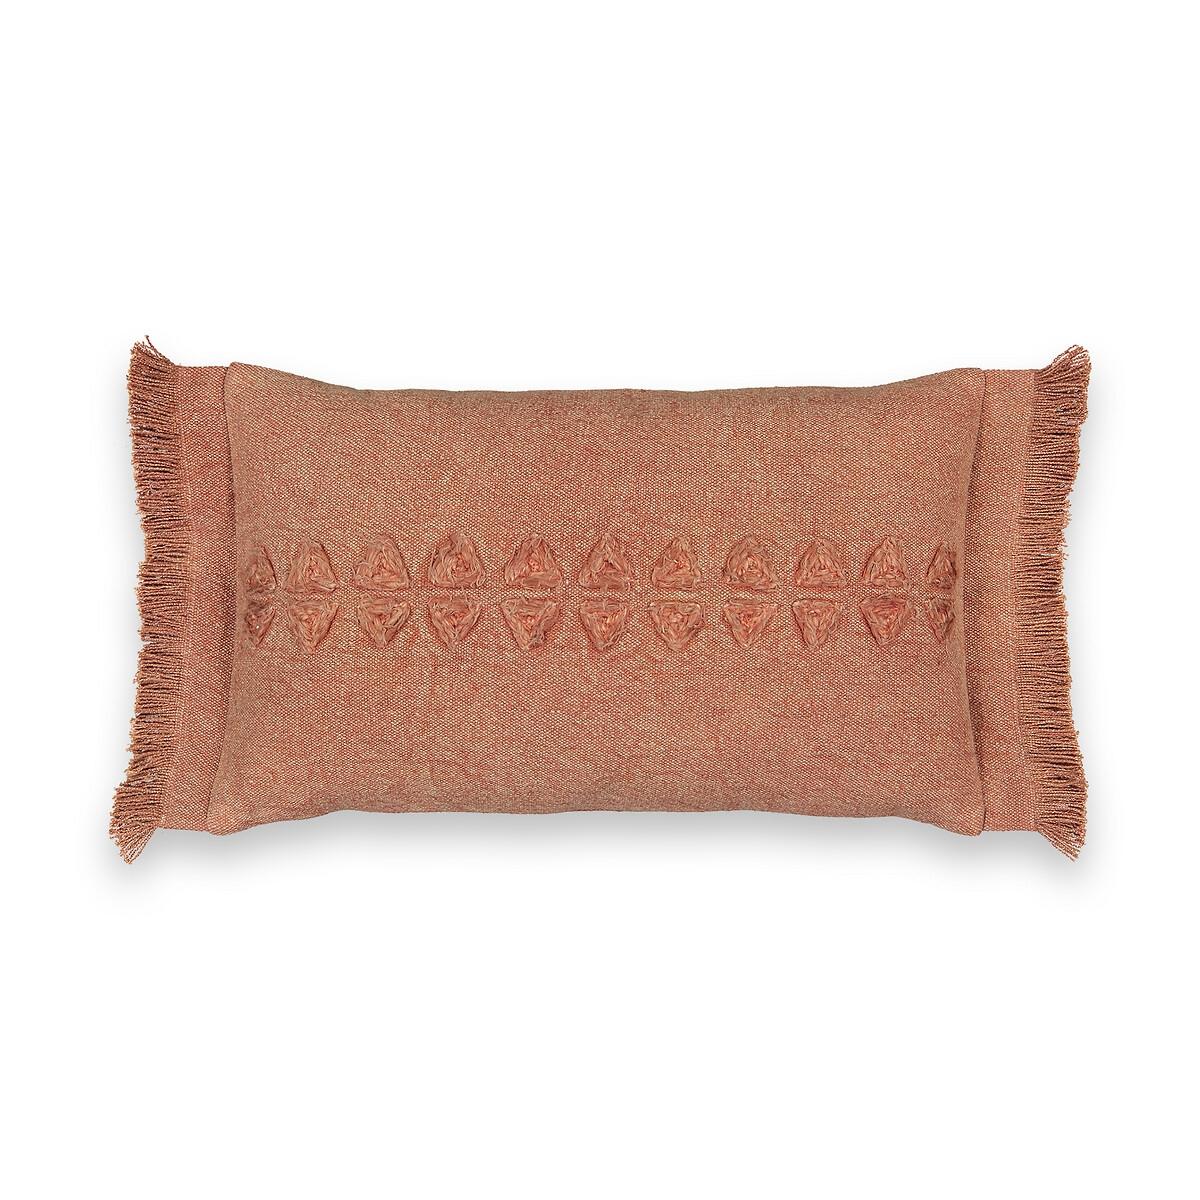 Чехол LaRedoute На подушку Meknes 50 x 30 см каштановый